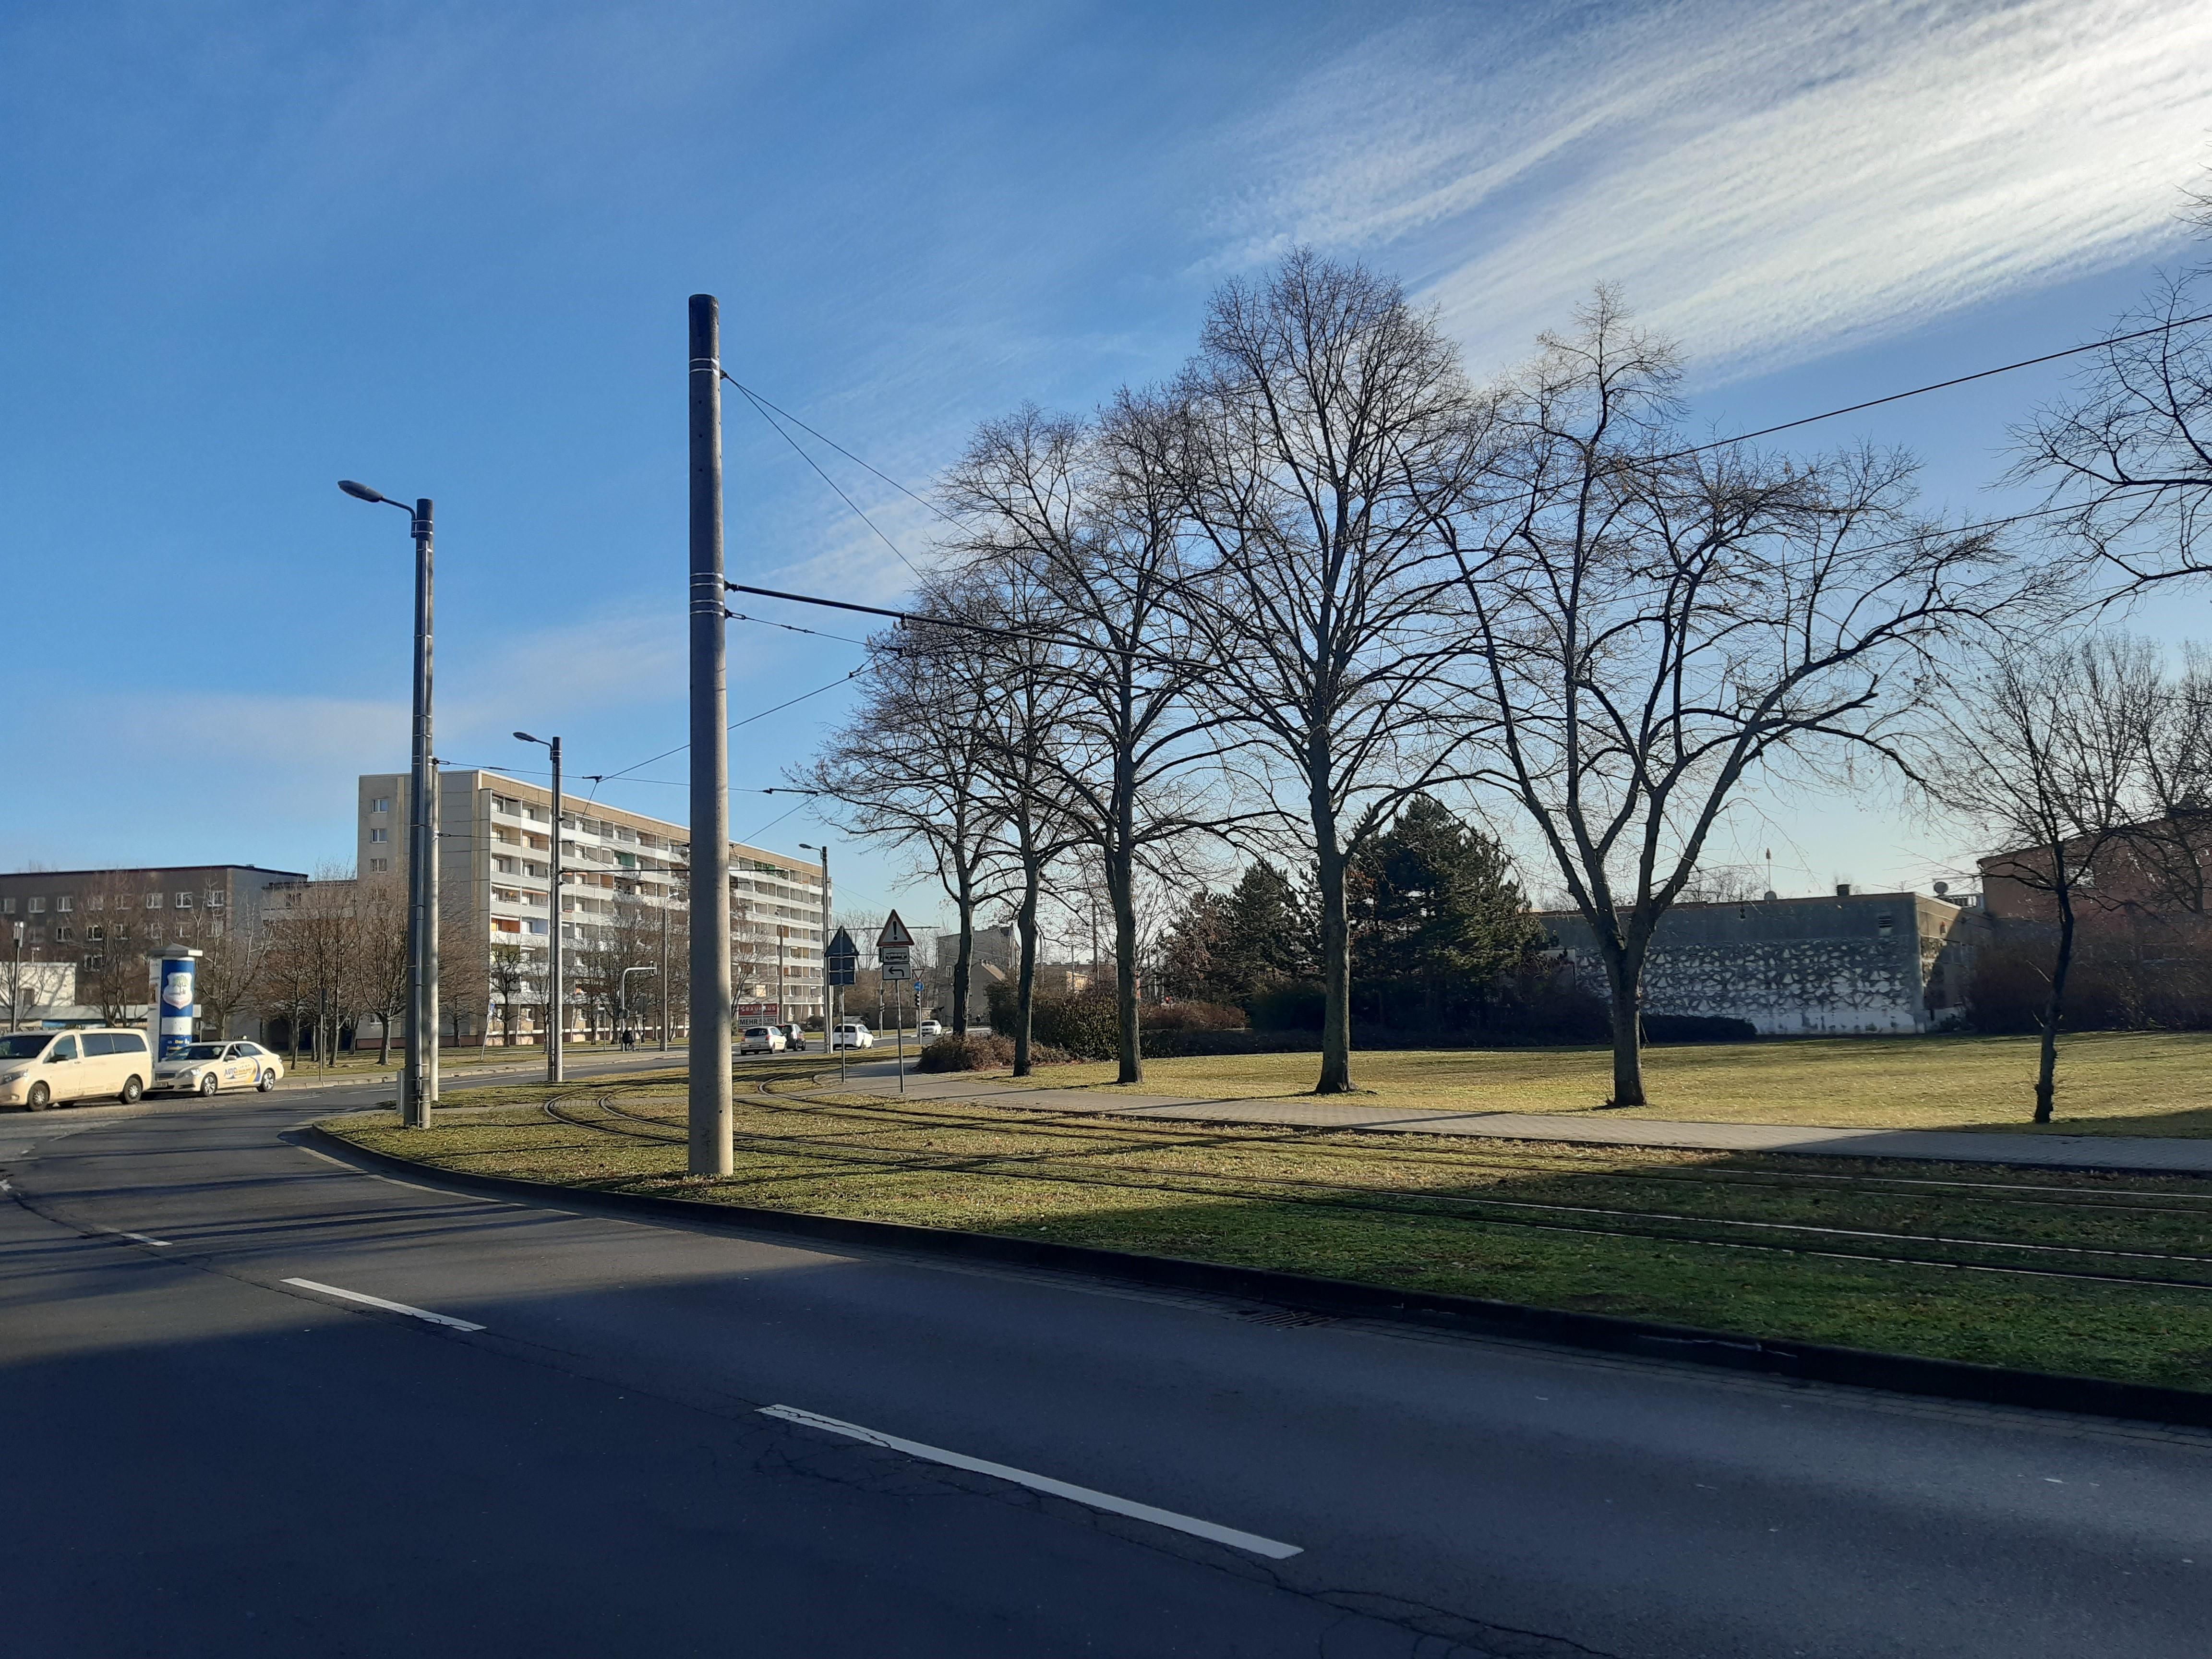 Blick auf Quartier: Autostraße, daneben Straßenbahnspuren, im Hintergrund Wohnblocks